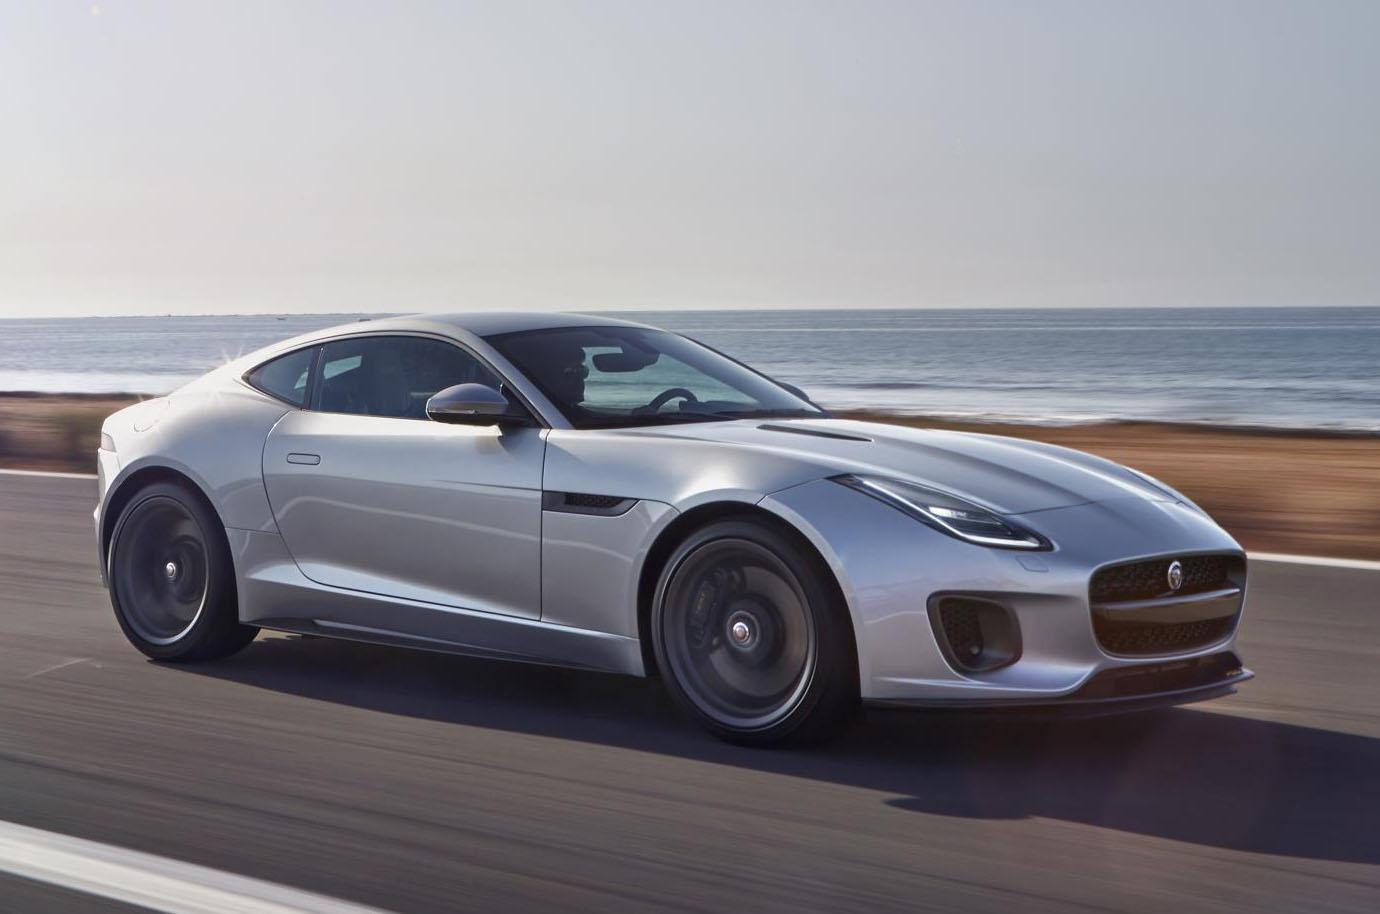 2017 Jaguar F-Type 2.0 i4 300 verdict and specs